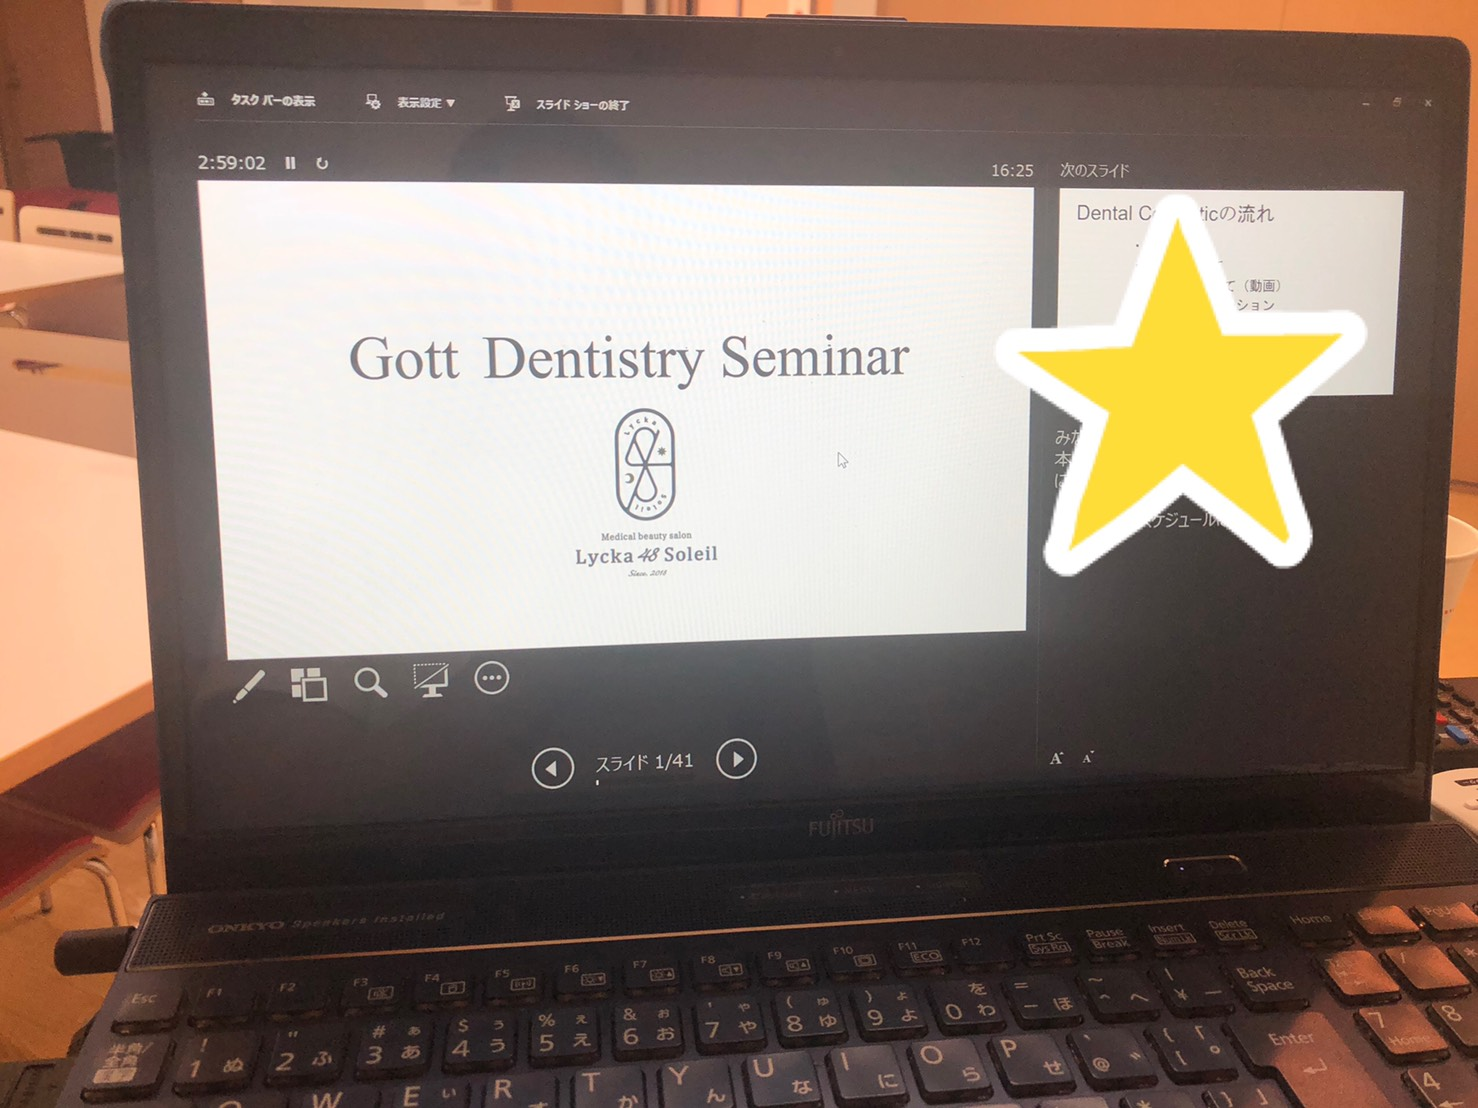 第3回 Gott  Dentistry Seminar